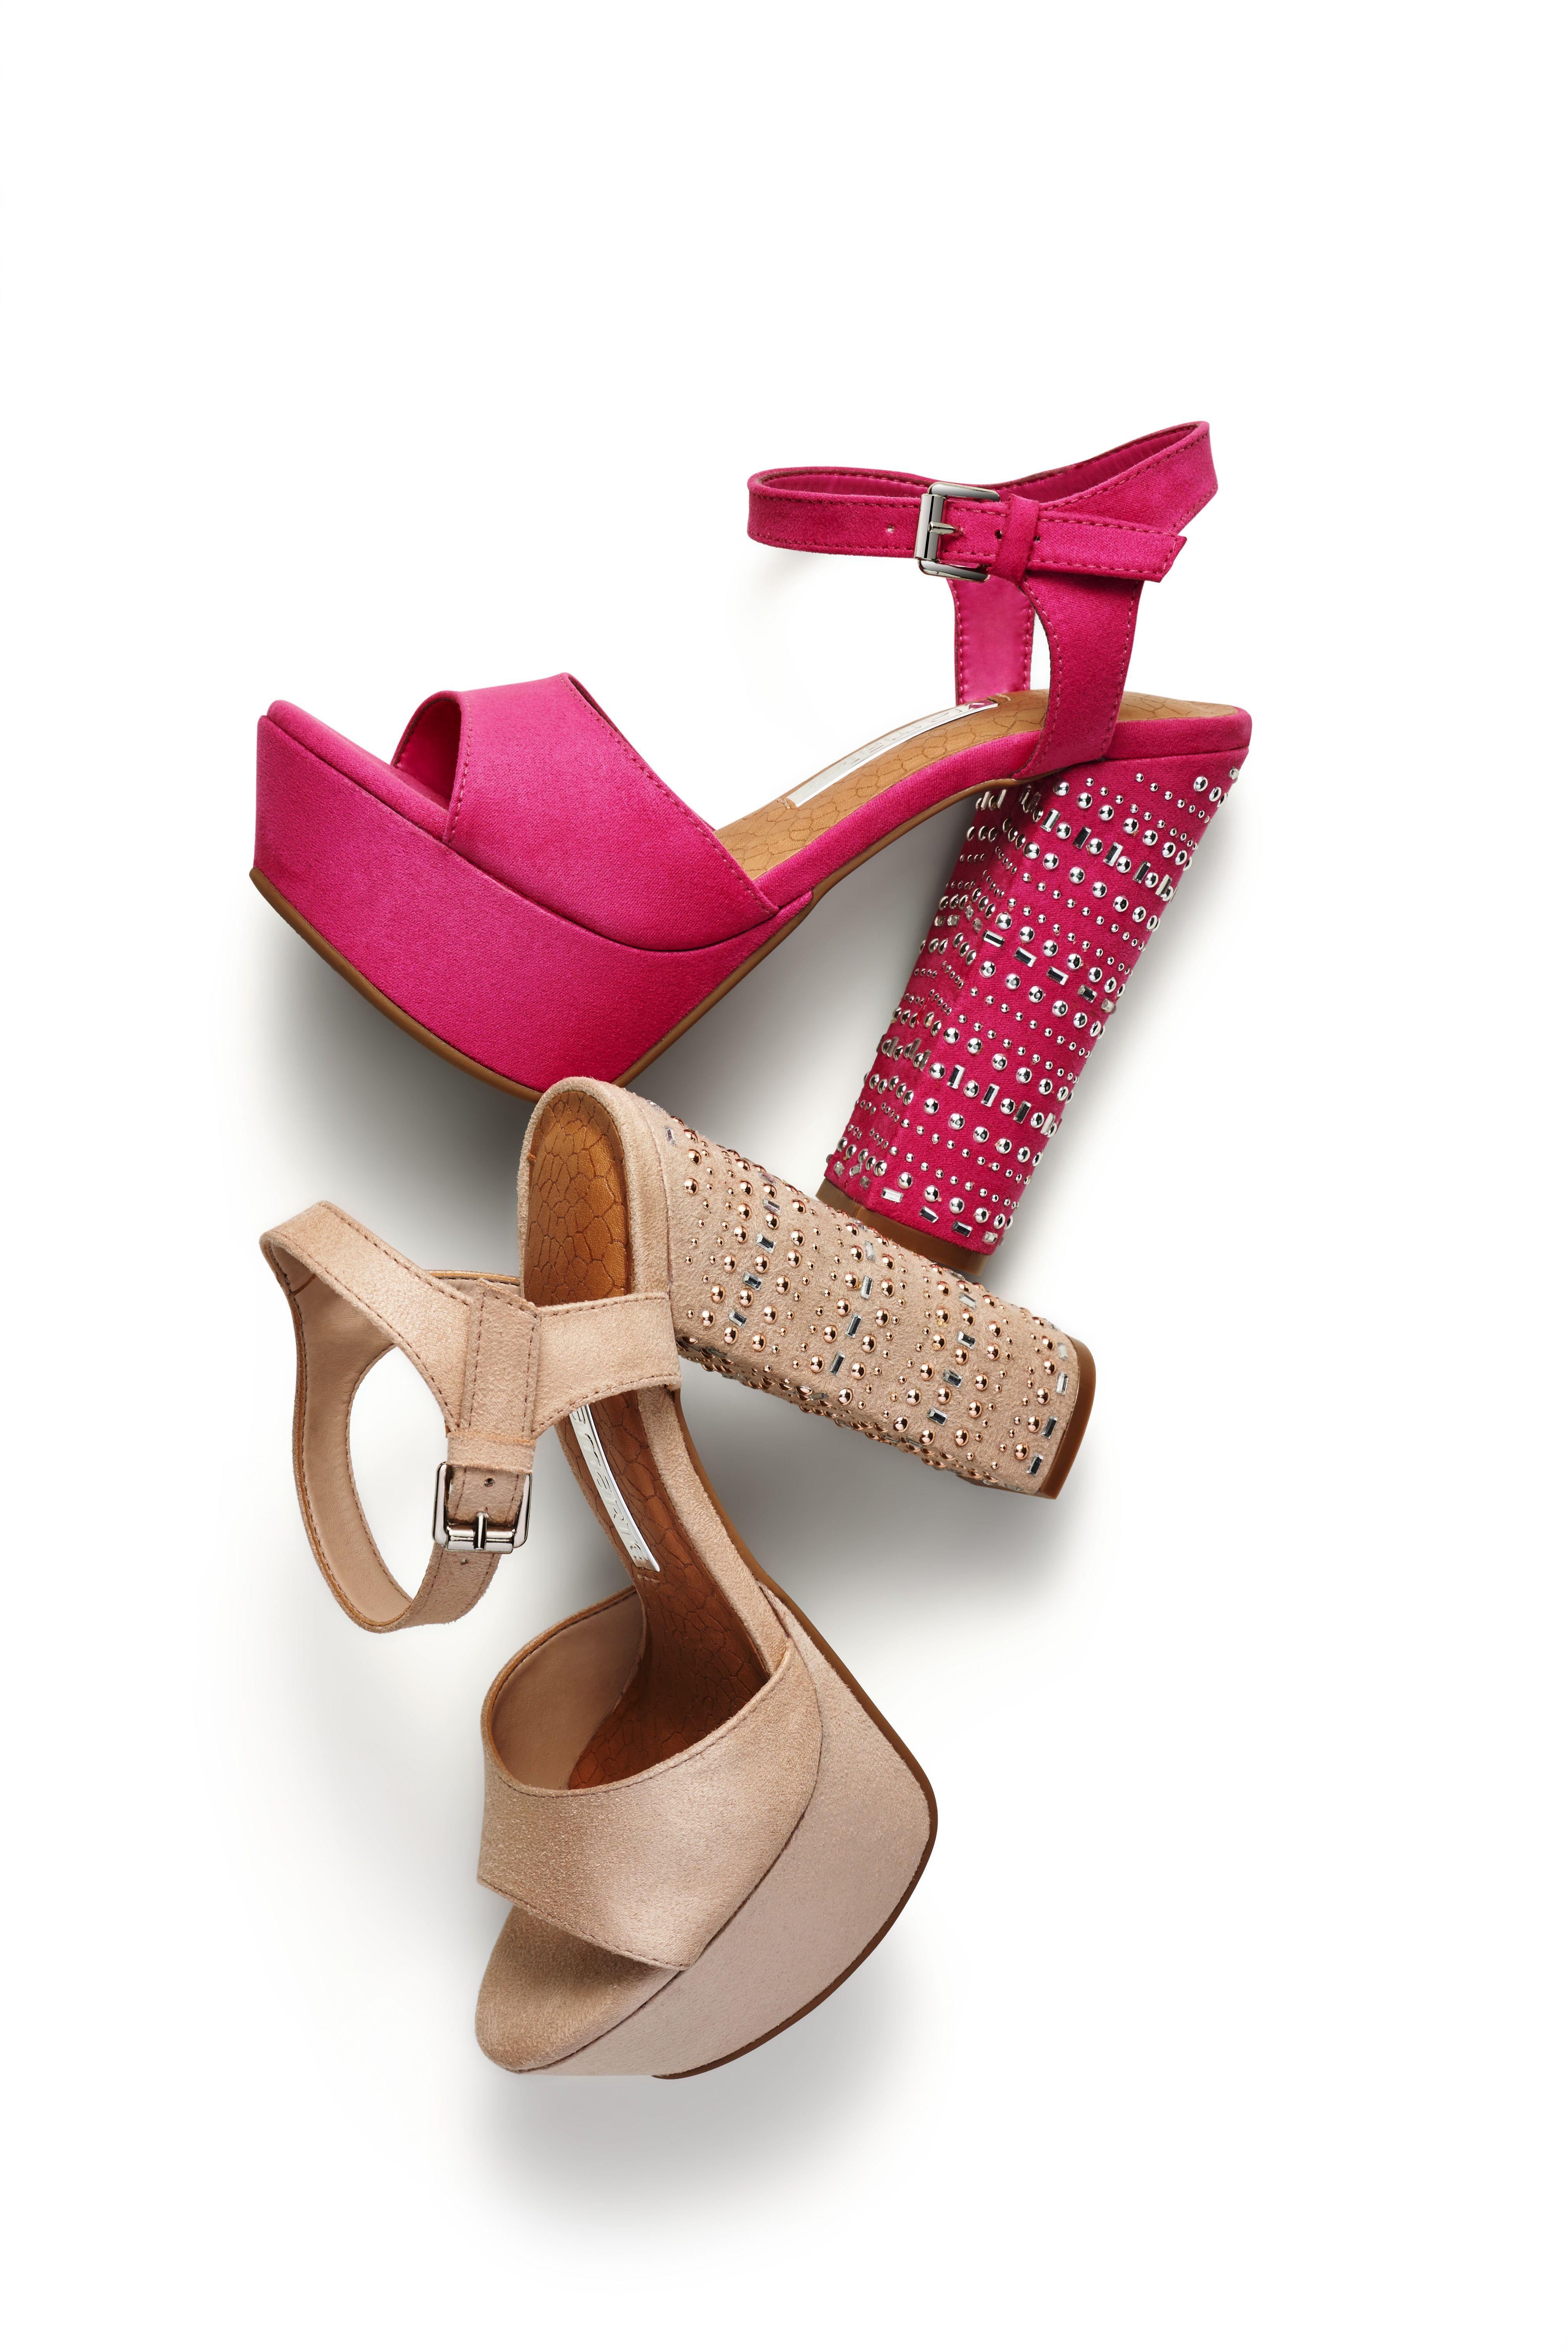 65a2233353 sandálias salto alto - salto grosso - nude- pink - high heels - summer  shoes - Verão 2015 - Ref. 15-14456